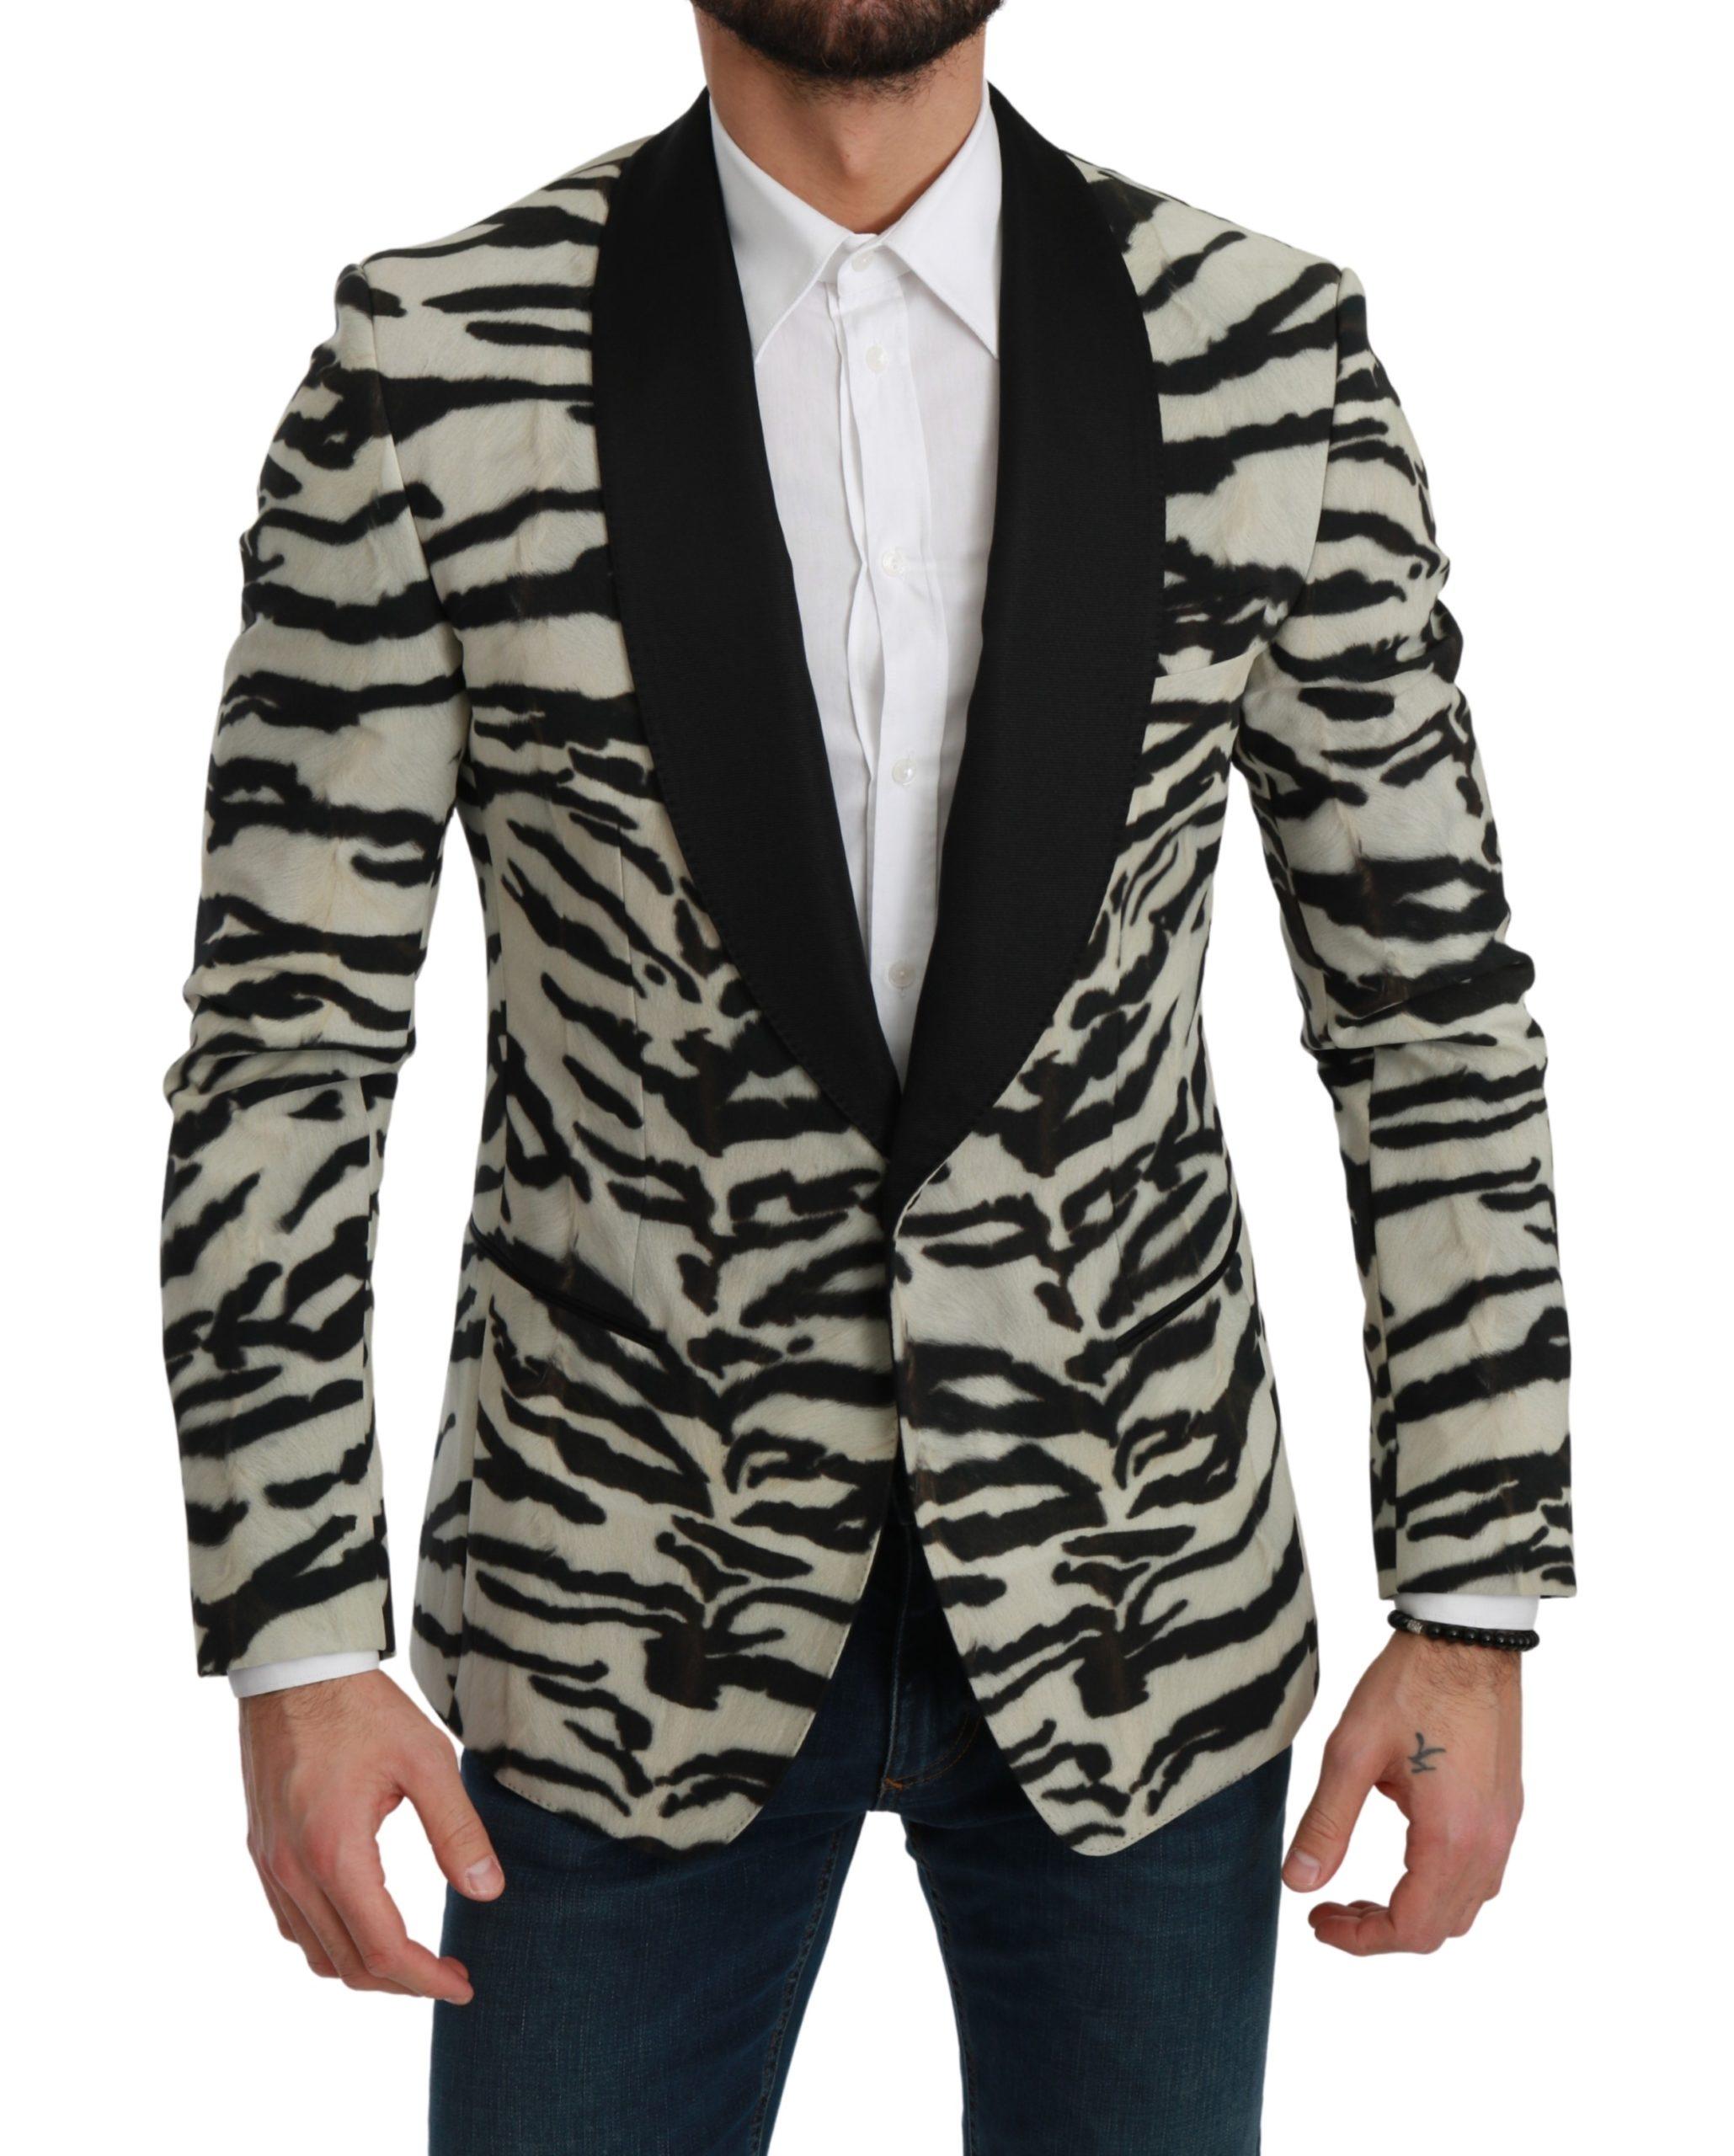 Dolce & Gabbana Men's Zebra Slim Fit Formal Blazer Multicolor KOS1712 - IT46   S